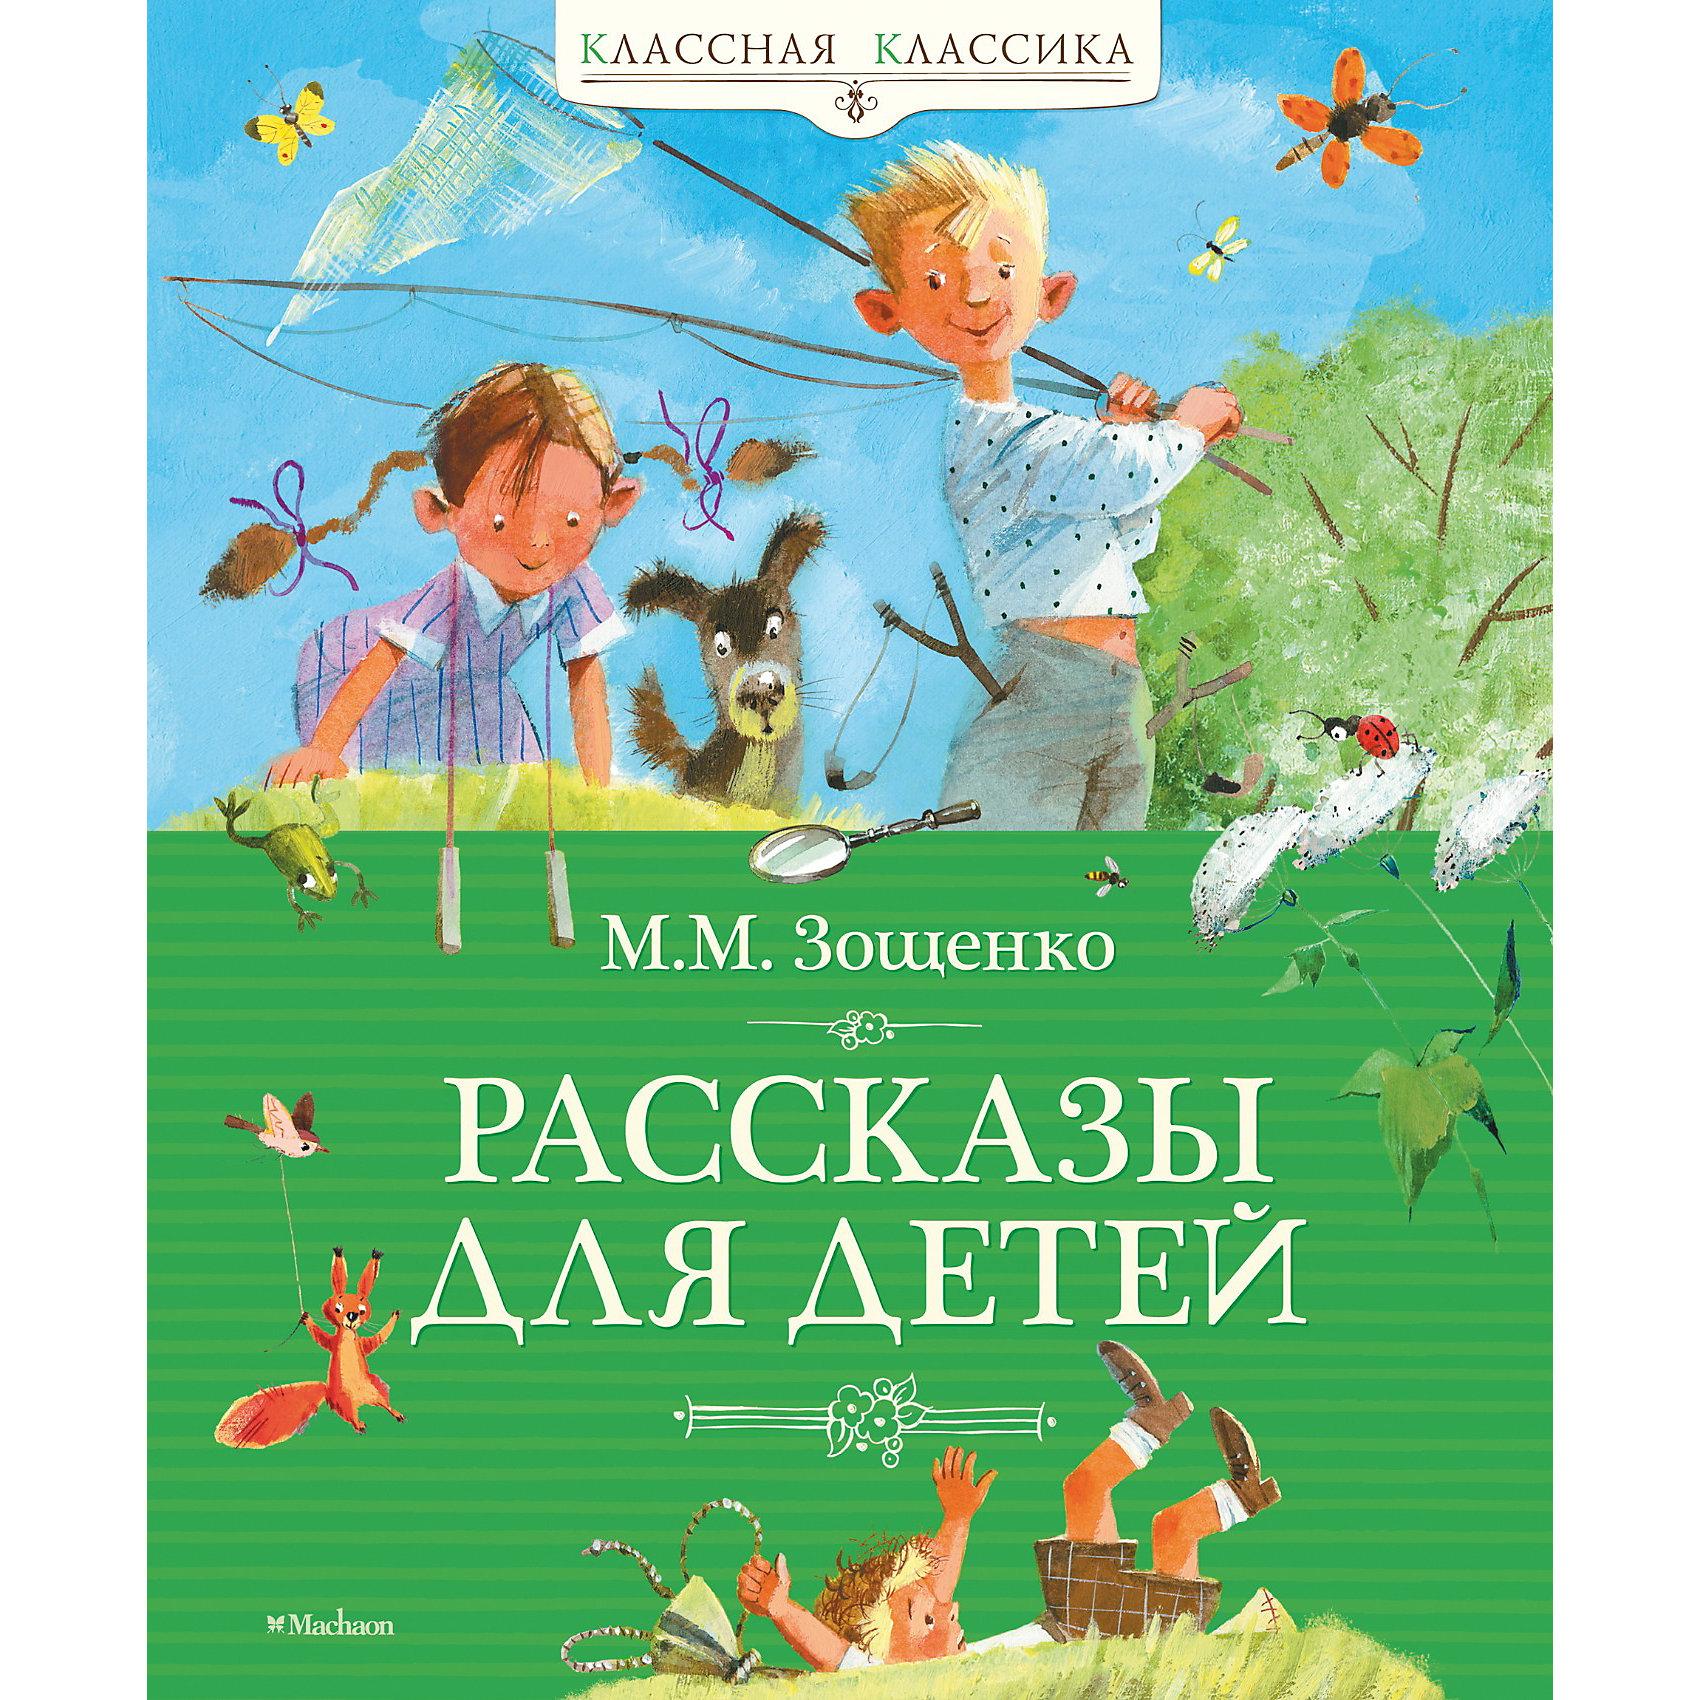 Рассказы для детей, М.М. ЗощенкоМихаил Зощенко – имя в детской литературе особенное, потому что ни один писатель не смог так тонко, так деликатно и неназойливо соединить в своих рассказах юмор и назидательность. И удивительное дело, это вовсе не раздражает, не отталкивает от чтения, более того, произведения Зощенко завоевали огромную любовь детей. Как же так получается? Почитайте рассказы – и вы сами всё поймёте.<br><br>Дополнительная информация:<br><br>- Автор: Зощенко Михаил Михайлович<br>- Художник: Бугославская Надежда<br>- Редактор: Родионова Н. Н.<br>- Страниц: 144<br>- Формат: 24 x 20 см <br>- Переплет: твердый<br><br>М. Зощенко, Рассказы для детей можно купить в нашем магазине.<br><br>Ширина мм: 235<br>Глубина мм: 195<br>Высота мм: 22<br>Вес г: 471<br>Возраст от месяцев: 72<br>Возраст до месяцев: 120<br>Пол: Унисекс<br>Возраст: Детский<br>SKU: 3173598